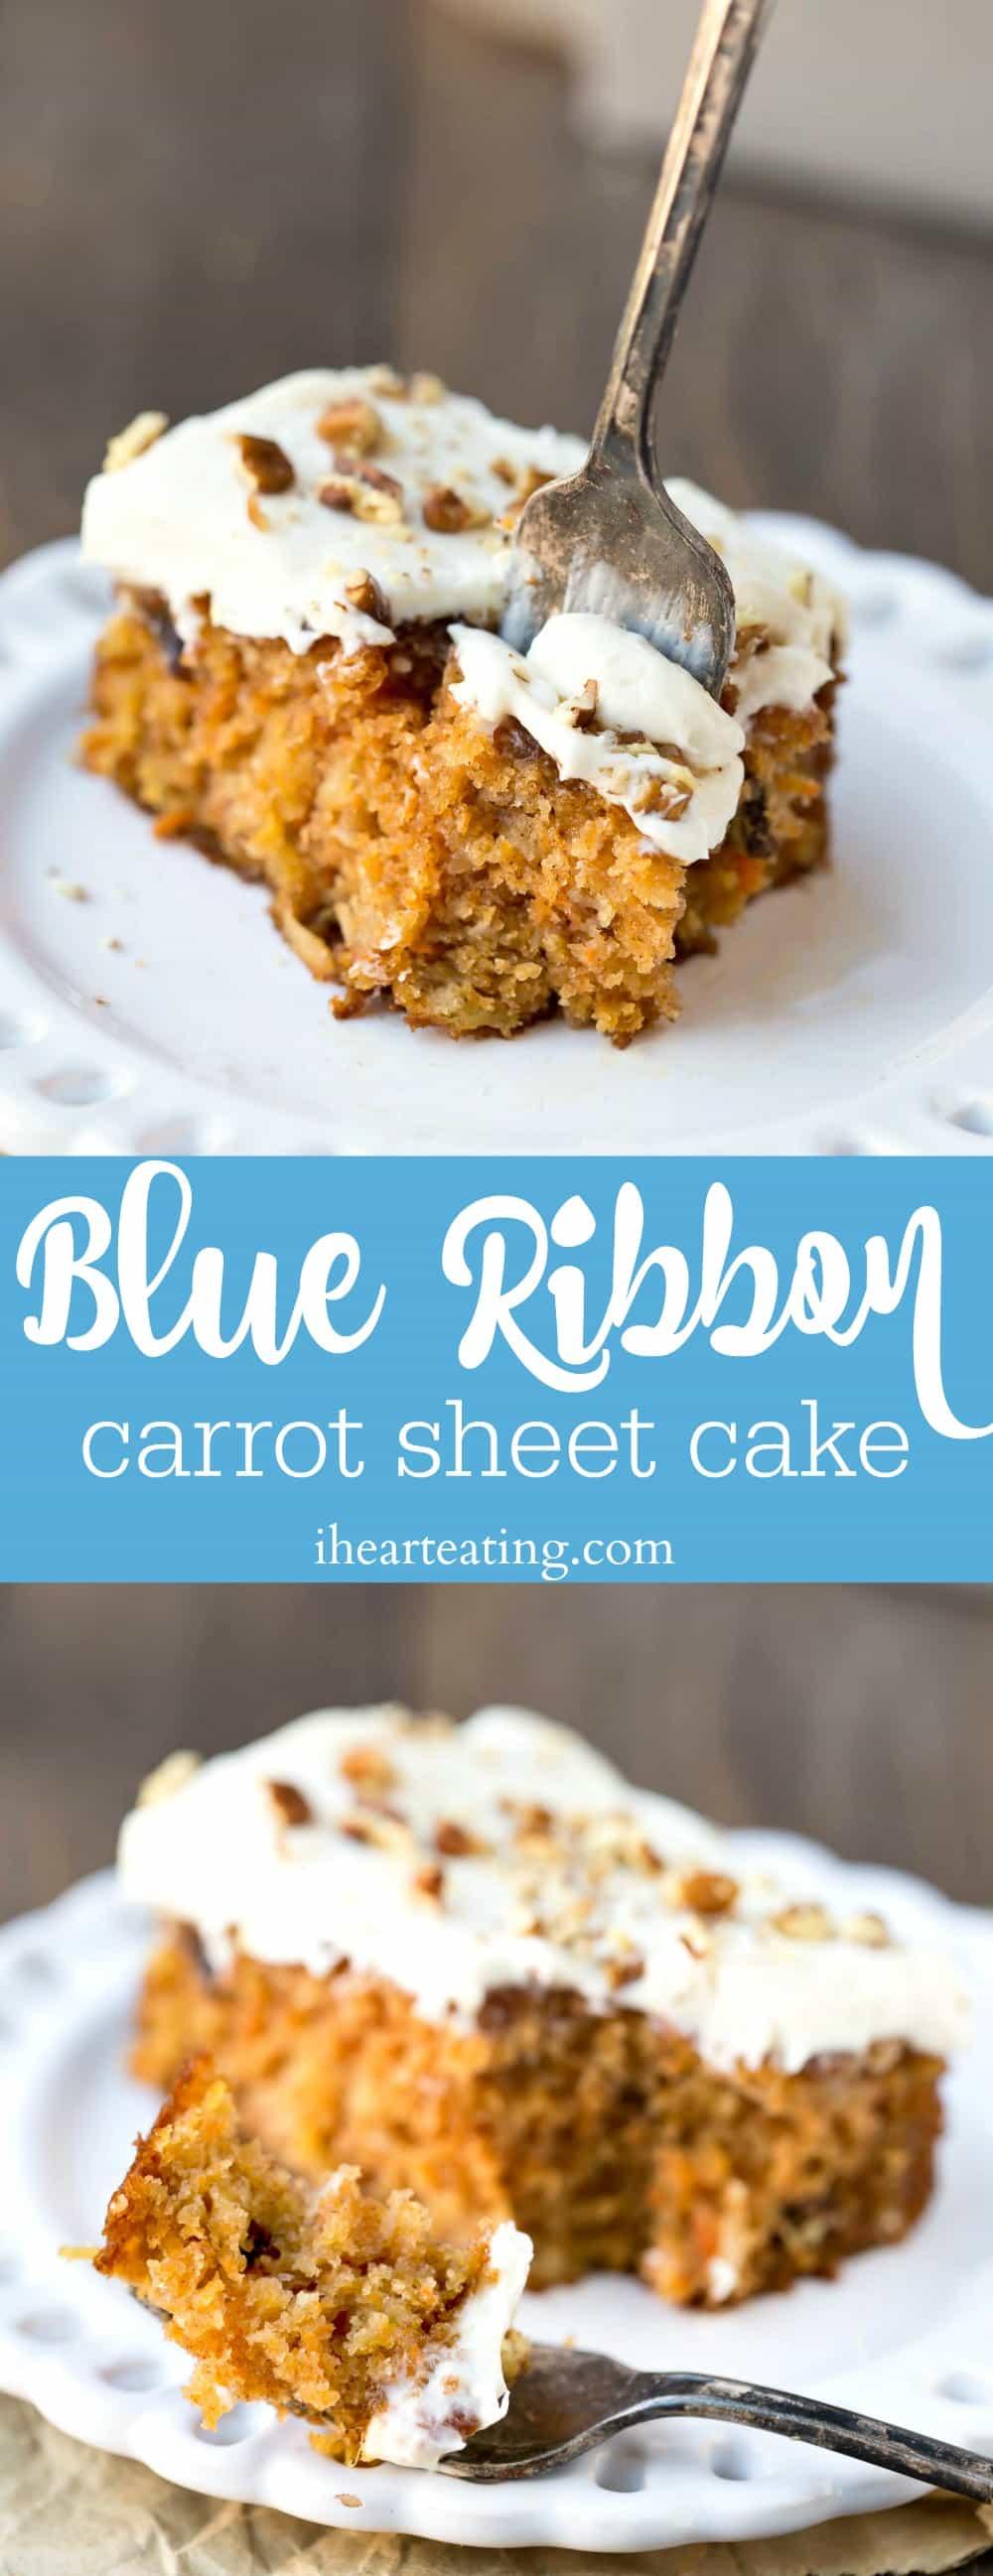 Blue Ribbon Carrot Sheet Cake